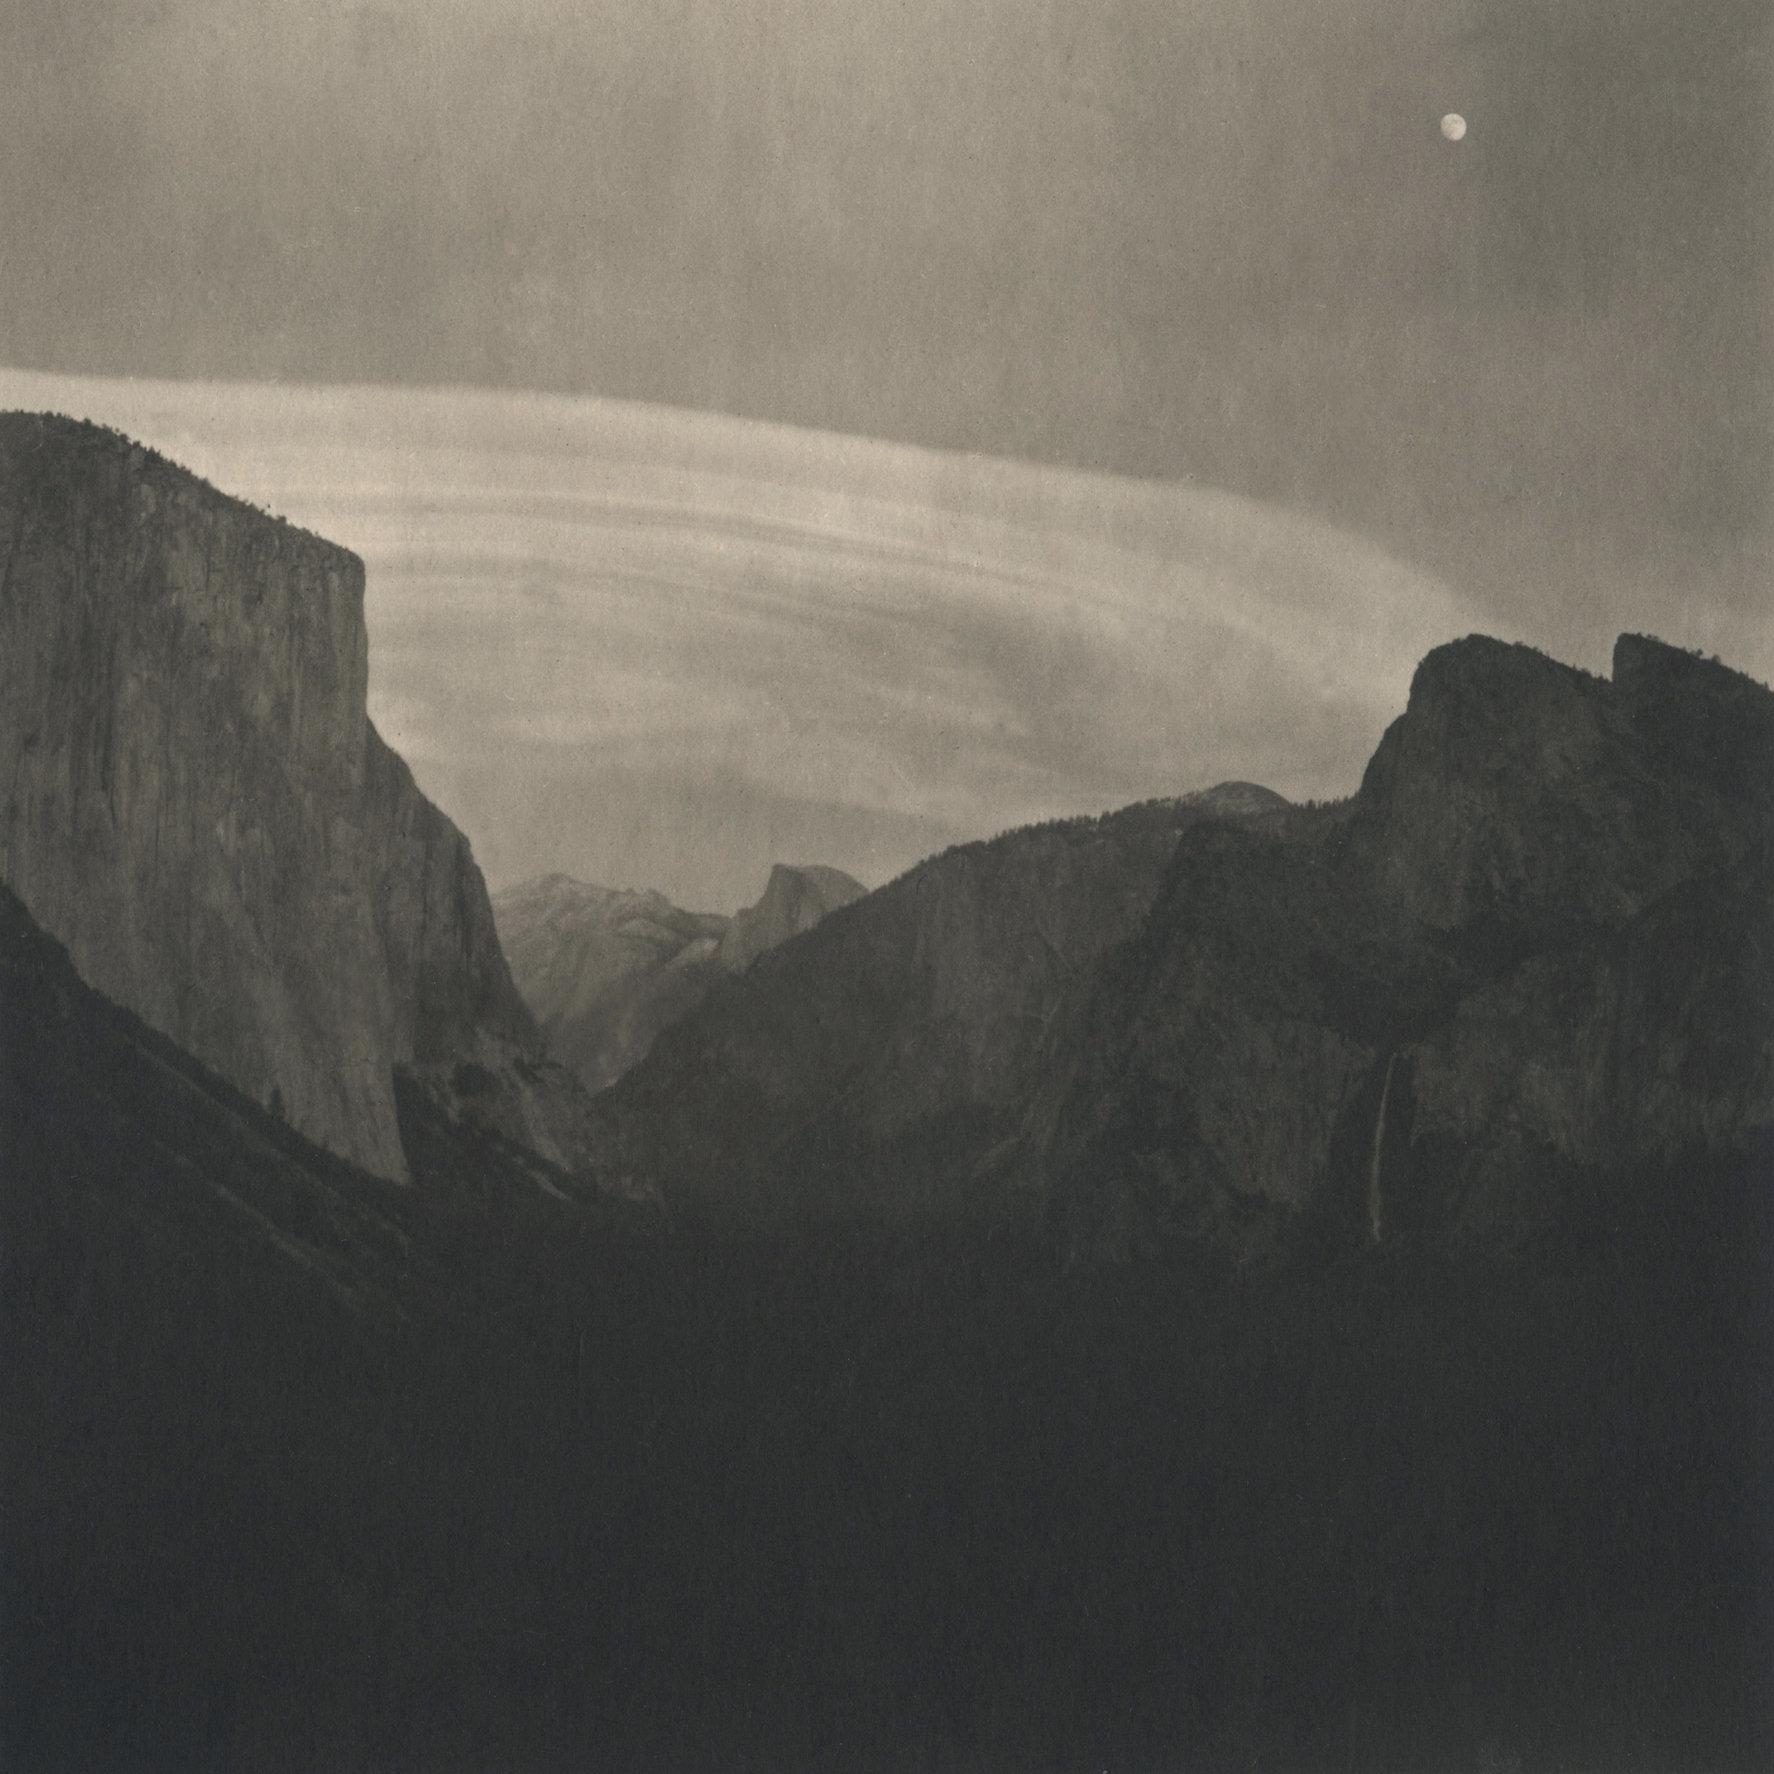 Yosemite #5 © Takeshi Shikama